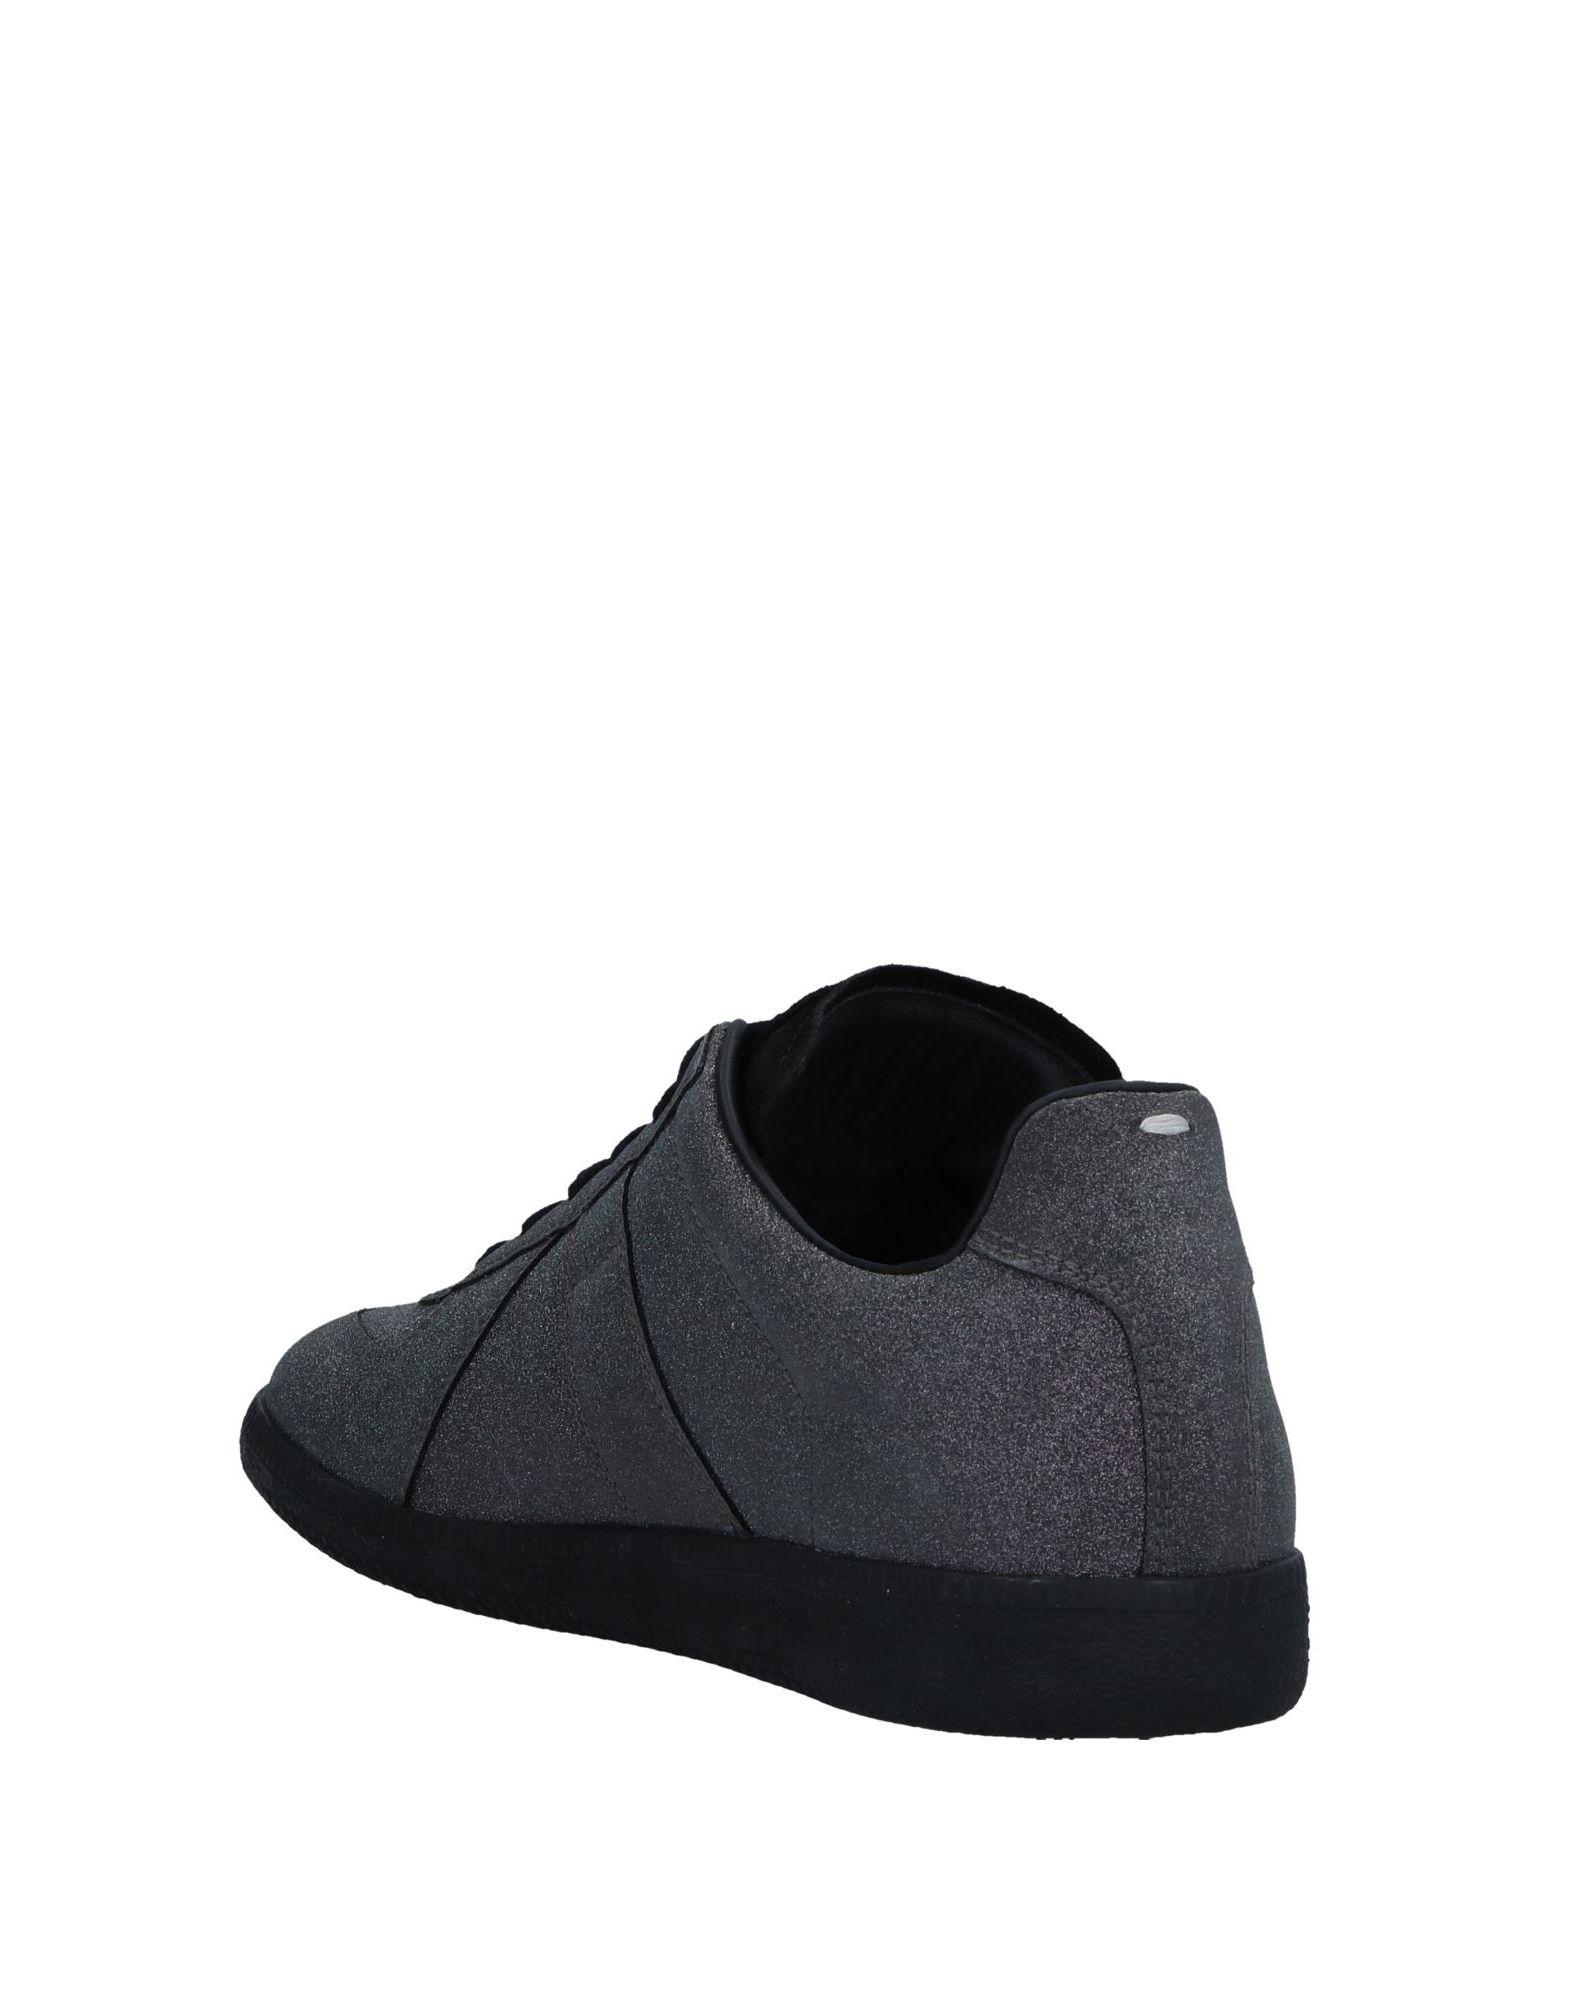 Rabatt Schuhe  Maison Margiela Sneakers Damen  Schuhe 11533335SC 5b0af8